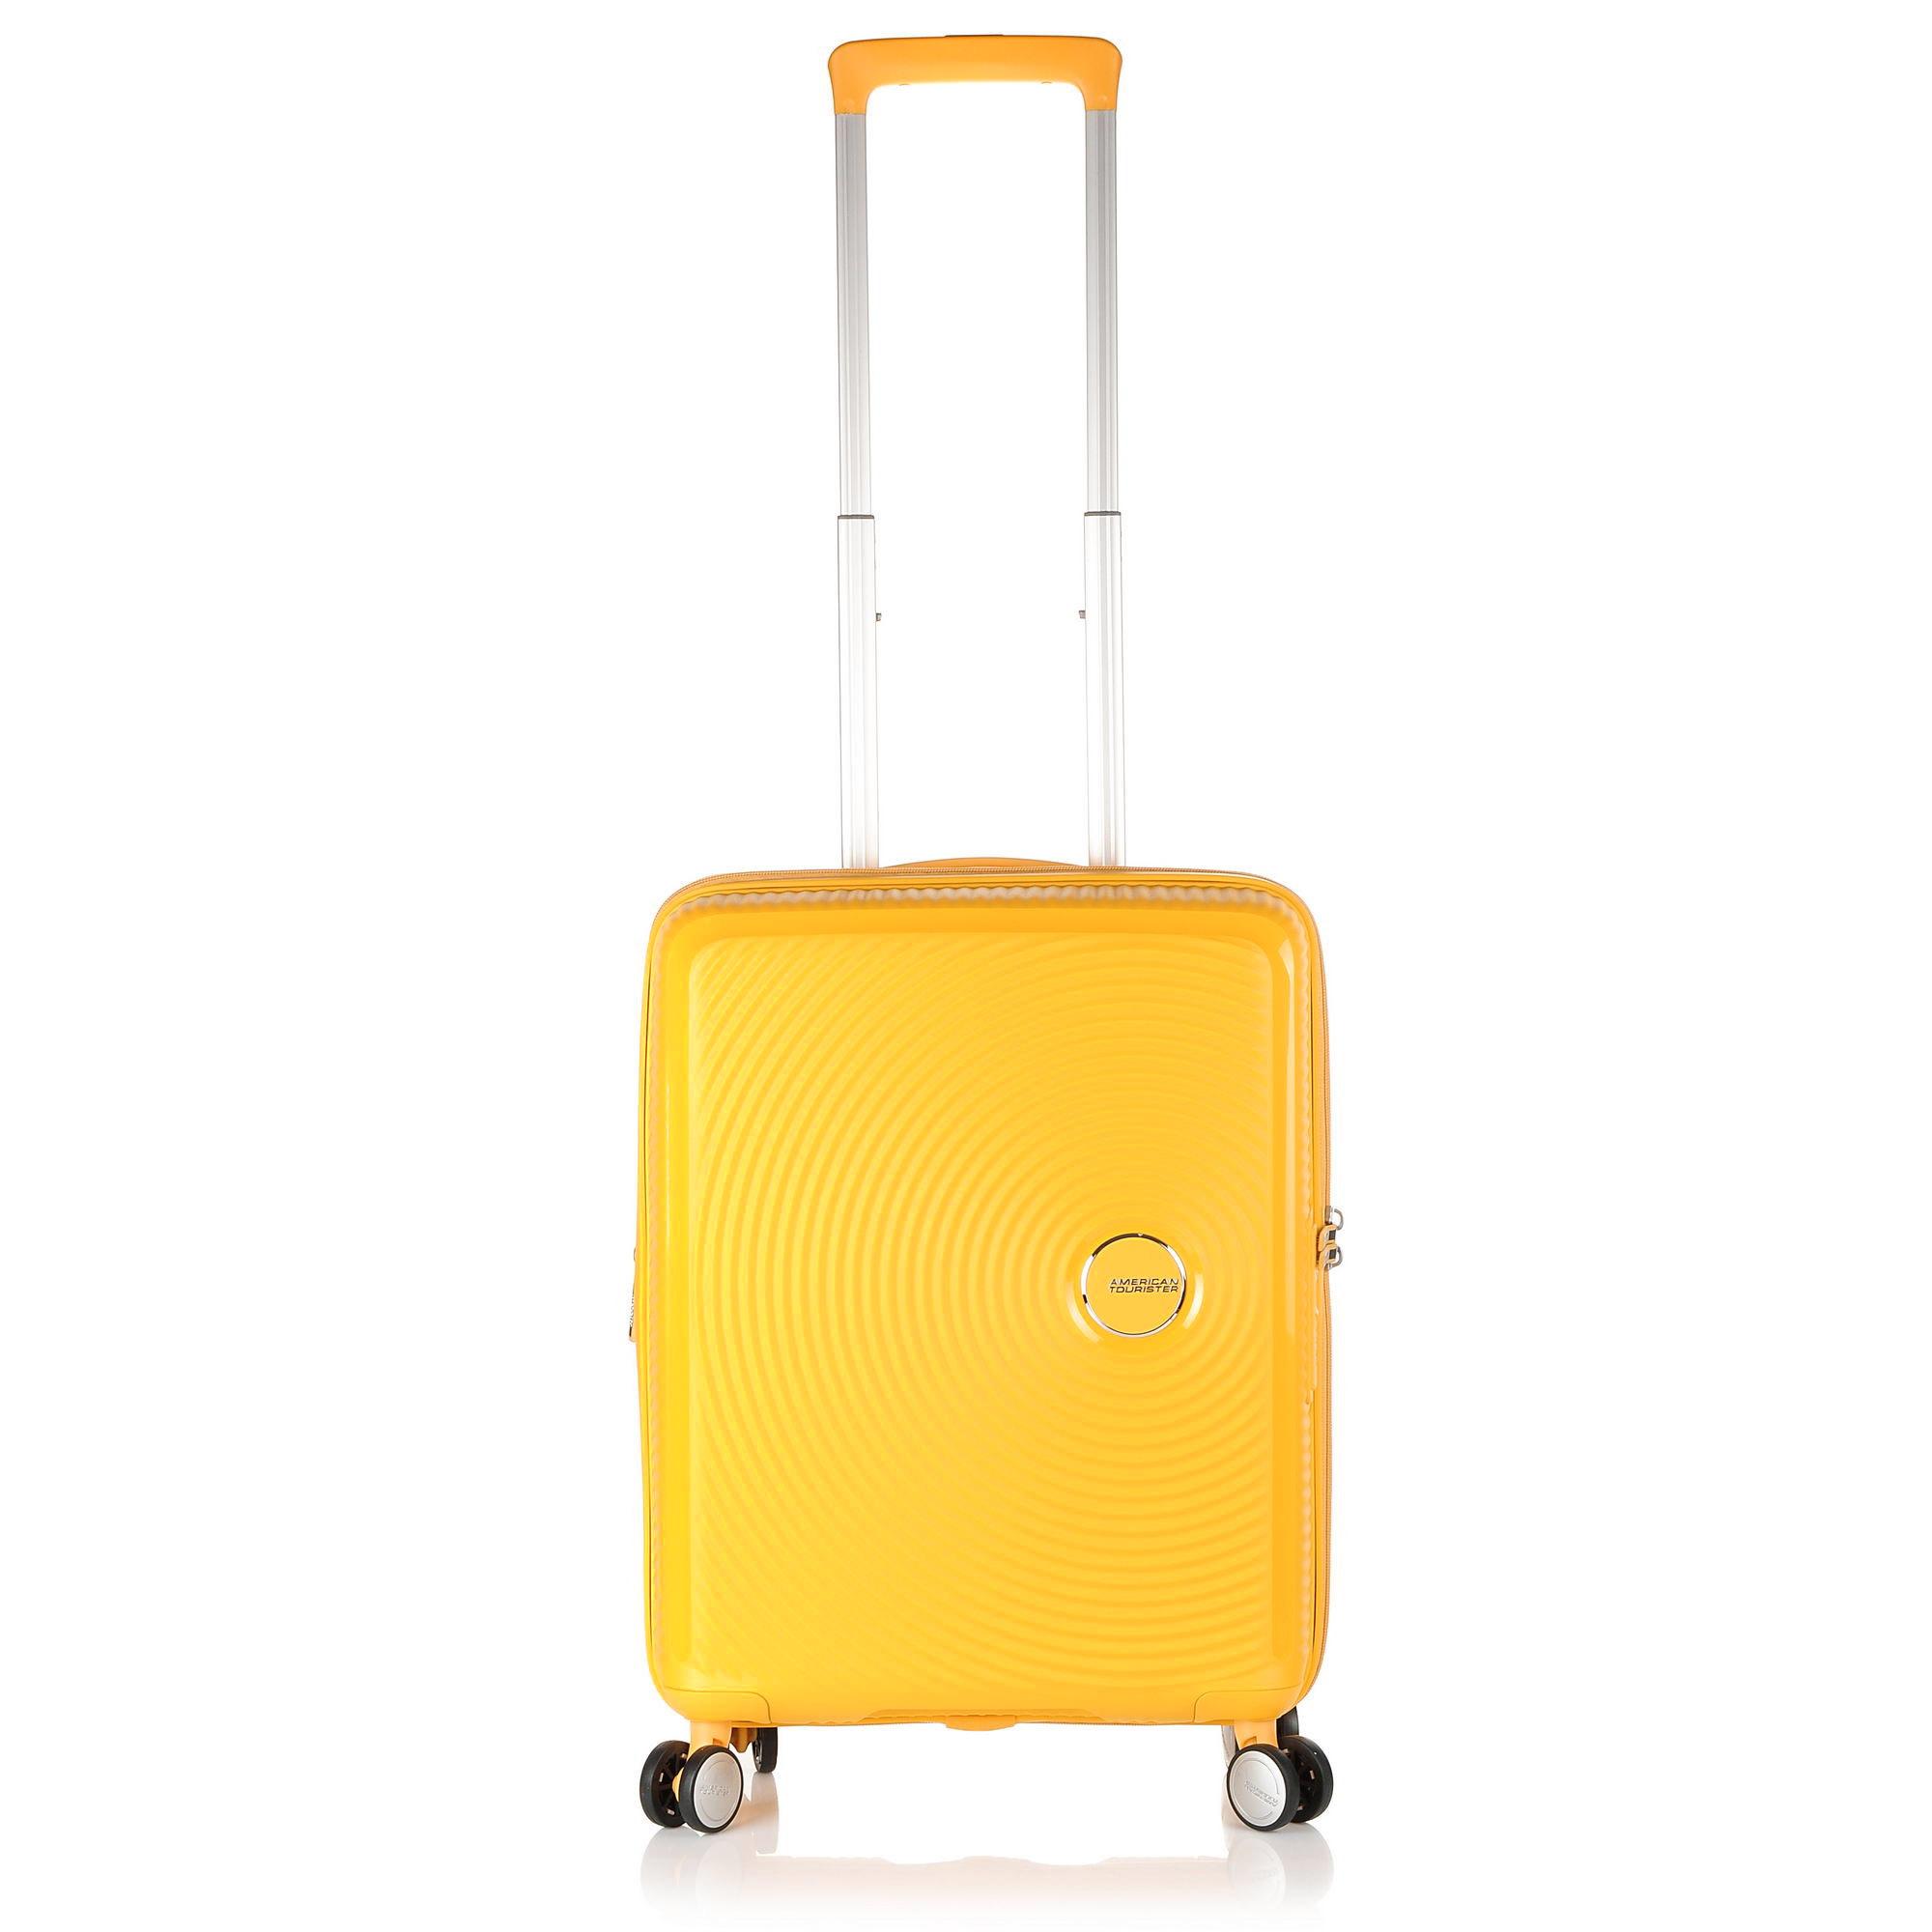 Βαλίτσα Σκληρή American Tourister Soundbox Spinner 55/20 TSA Exp Cabin Size 8847 ειδη ταξιδιου   βαλίτσα hard